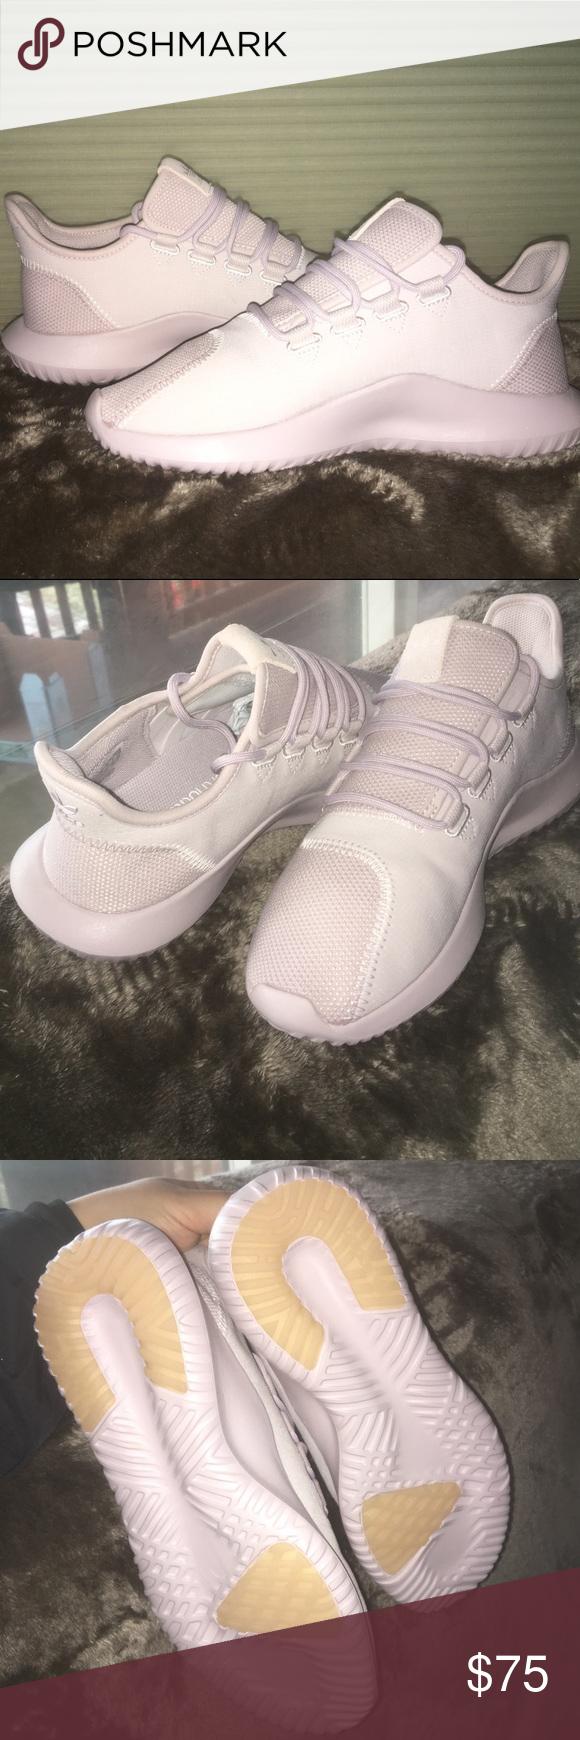 adidas un'ombra le adidas, di colore rosa e scarpe da ginnastica